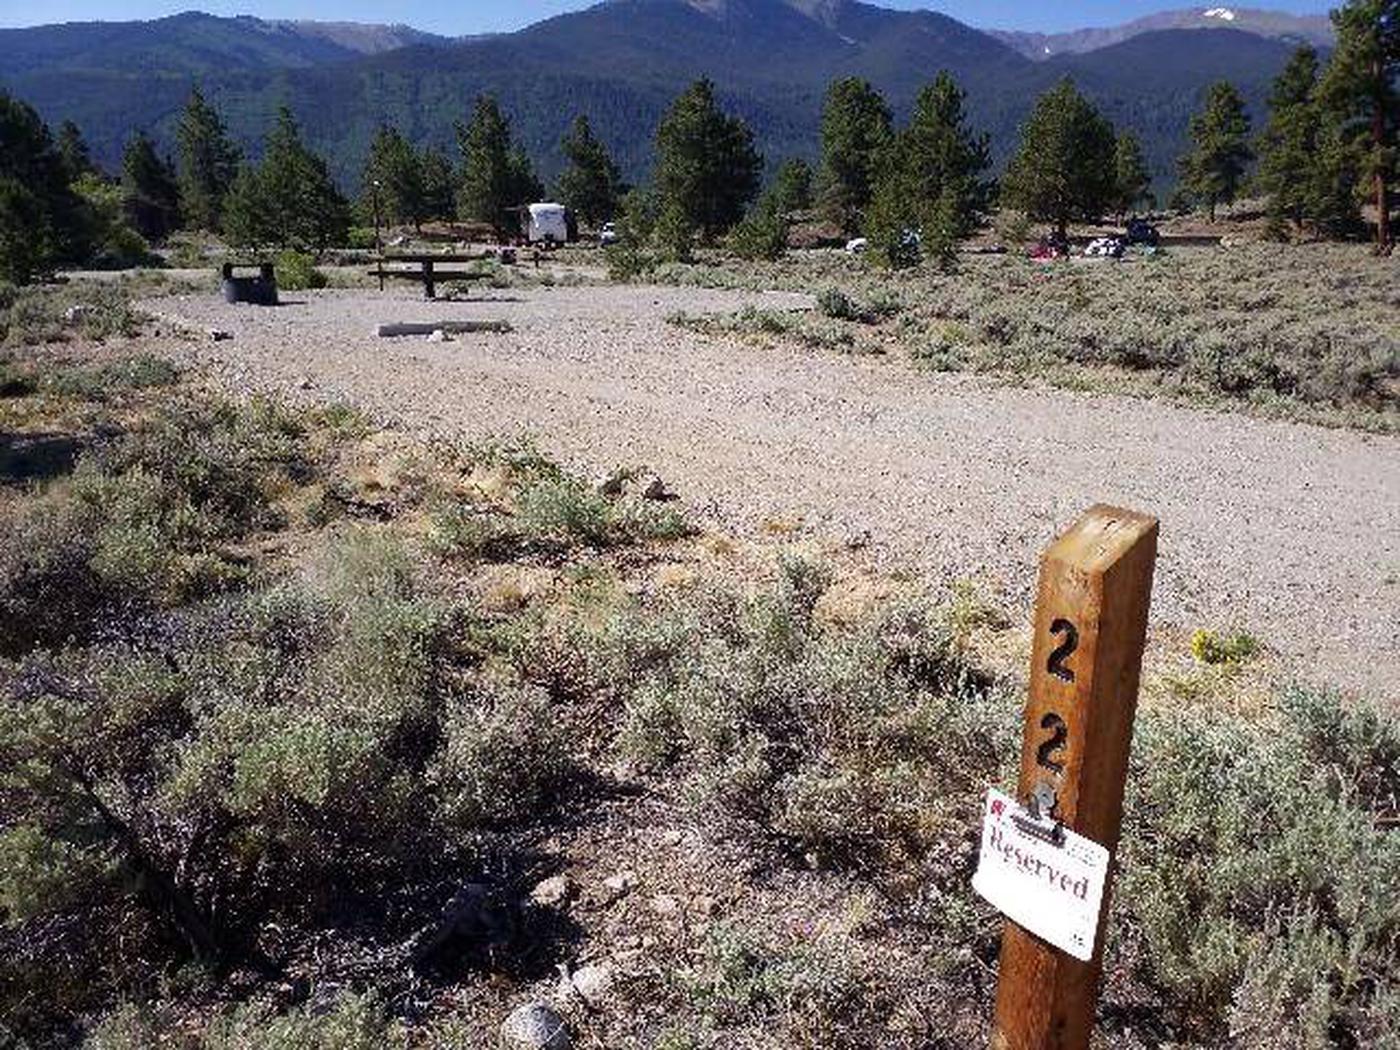 White Star Campground, site 22 marker